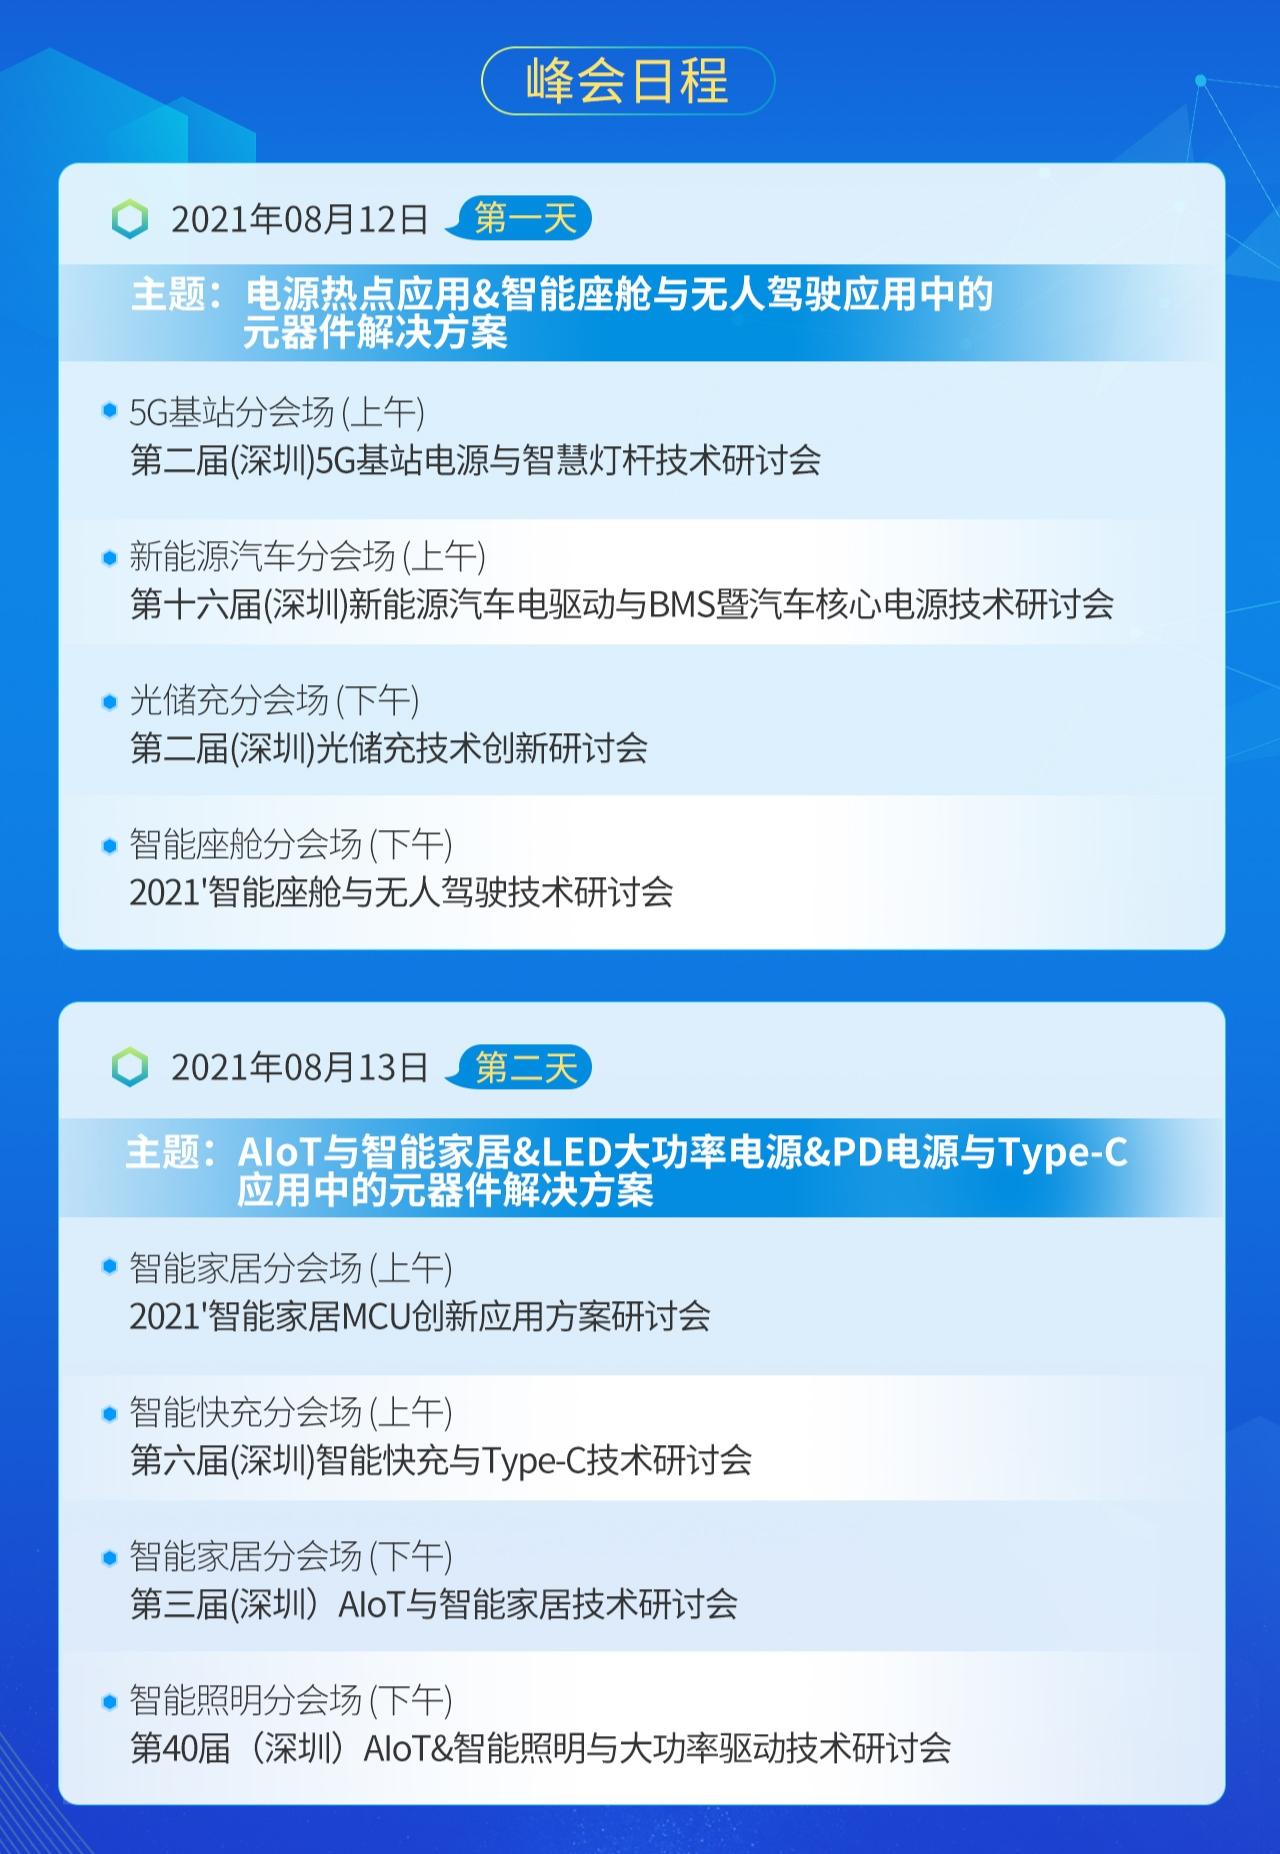 2021'中国电子热点解决方案创新峰会